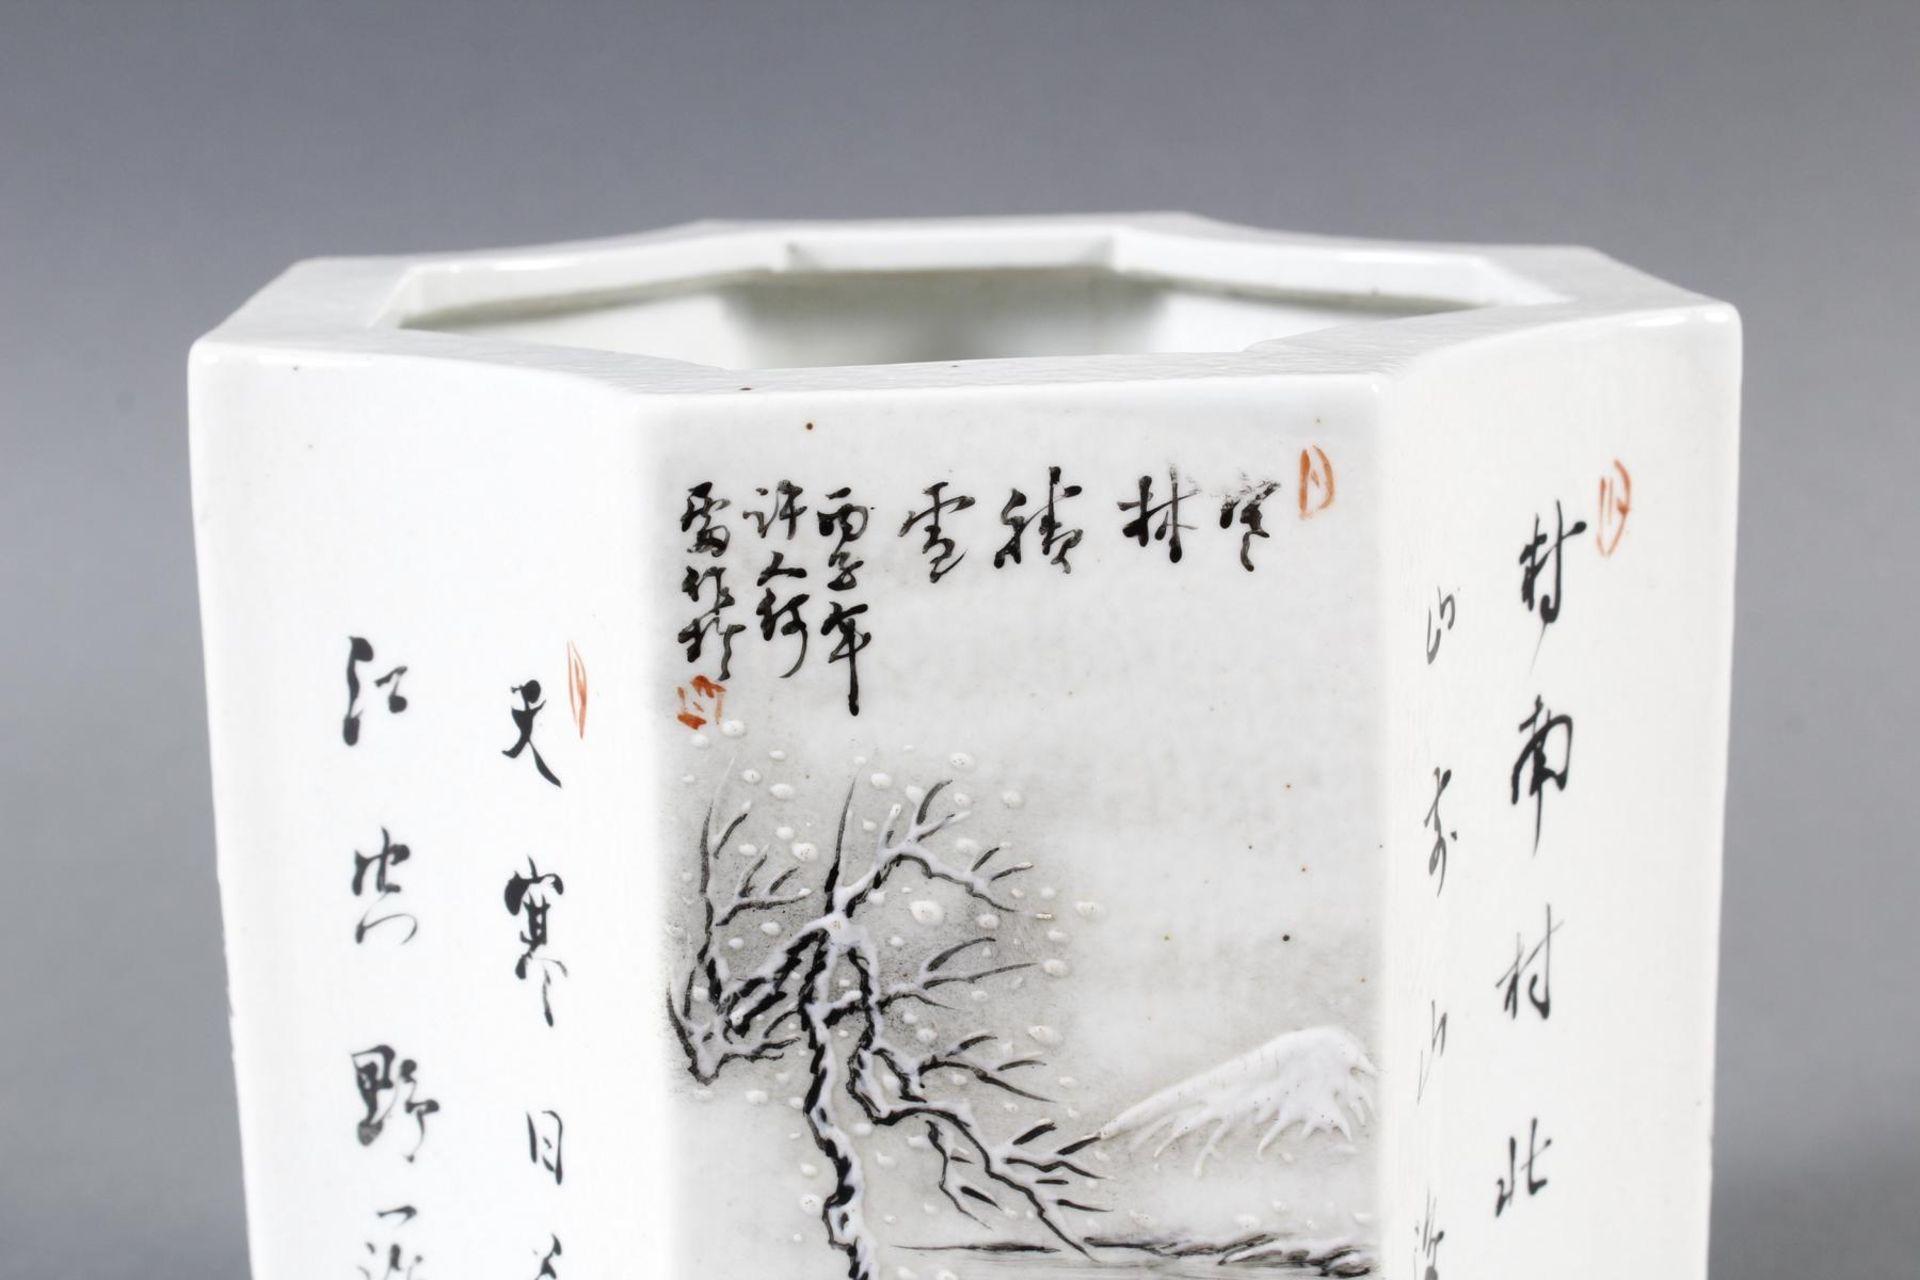 Porzellan-Pinselbehälter, China, Mitte 20. Jahrhundert - Bild 2 aus 15